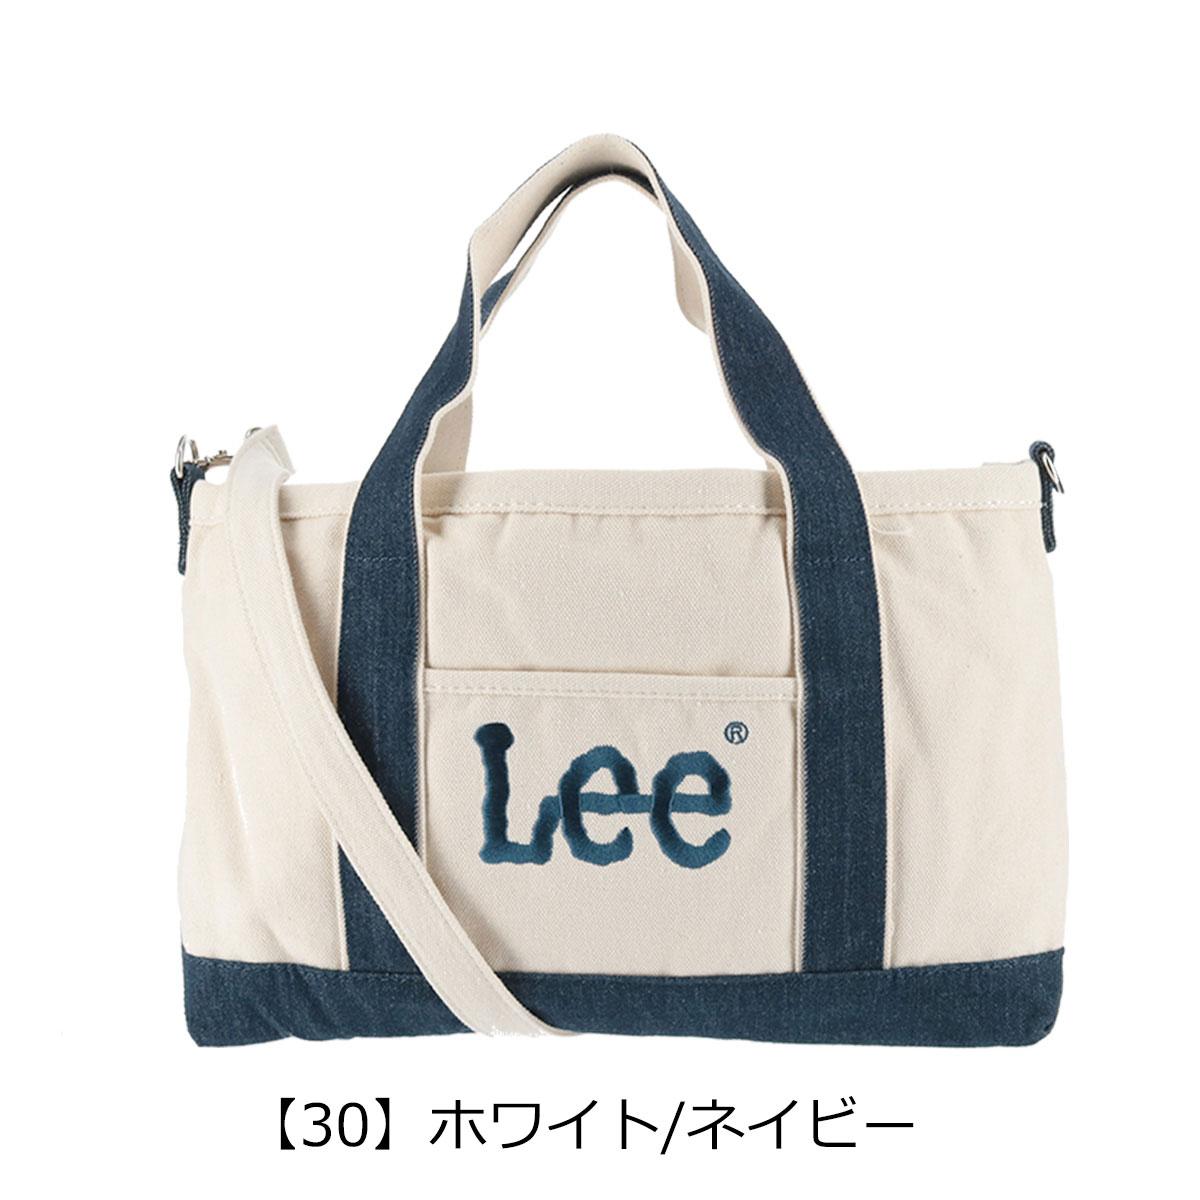 【32】ブルー